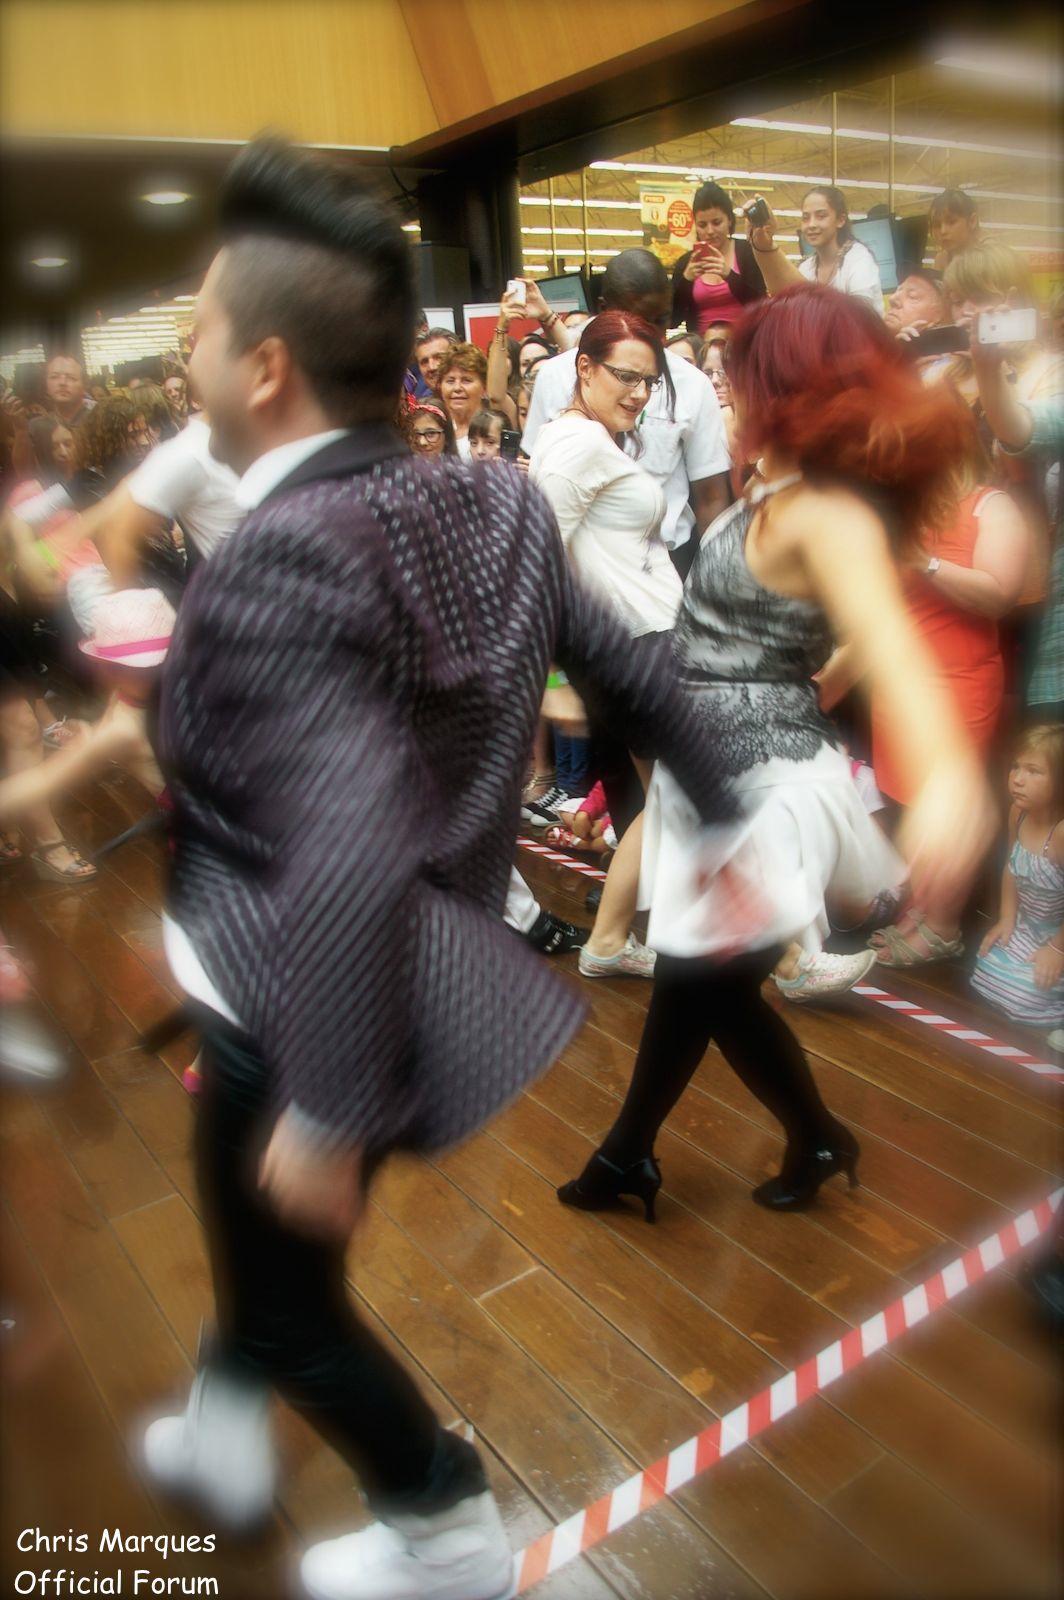 [14.06.2014] Evénement à #Colmar Chris Marques et Jaclyn Spencer pour un Flashmob/Cours de Danse/Dédicaces exceptionnels le tout organisé par la MJC de Colmar 1512